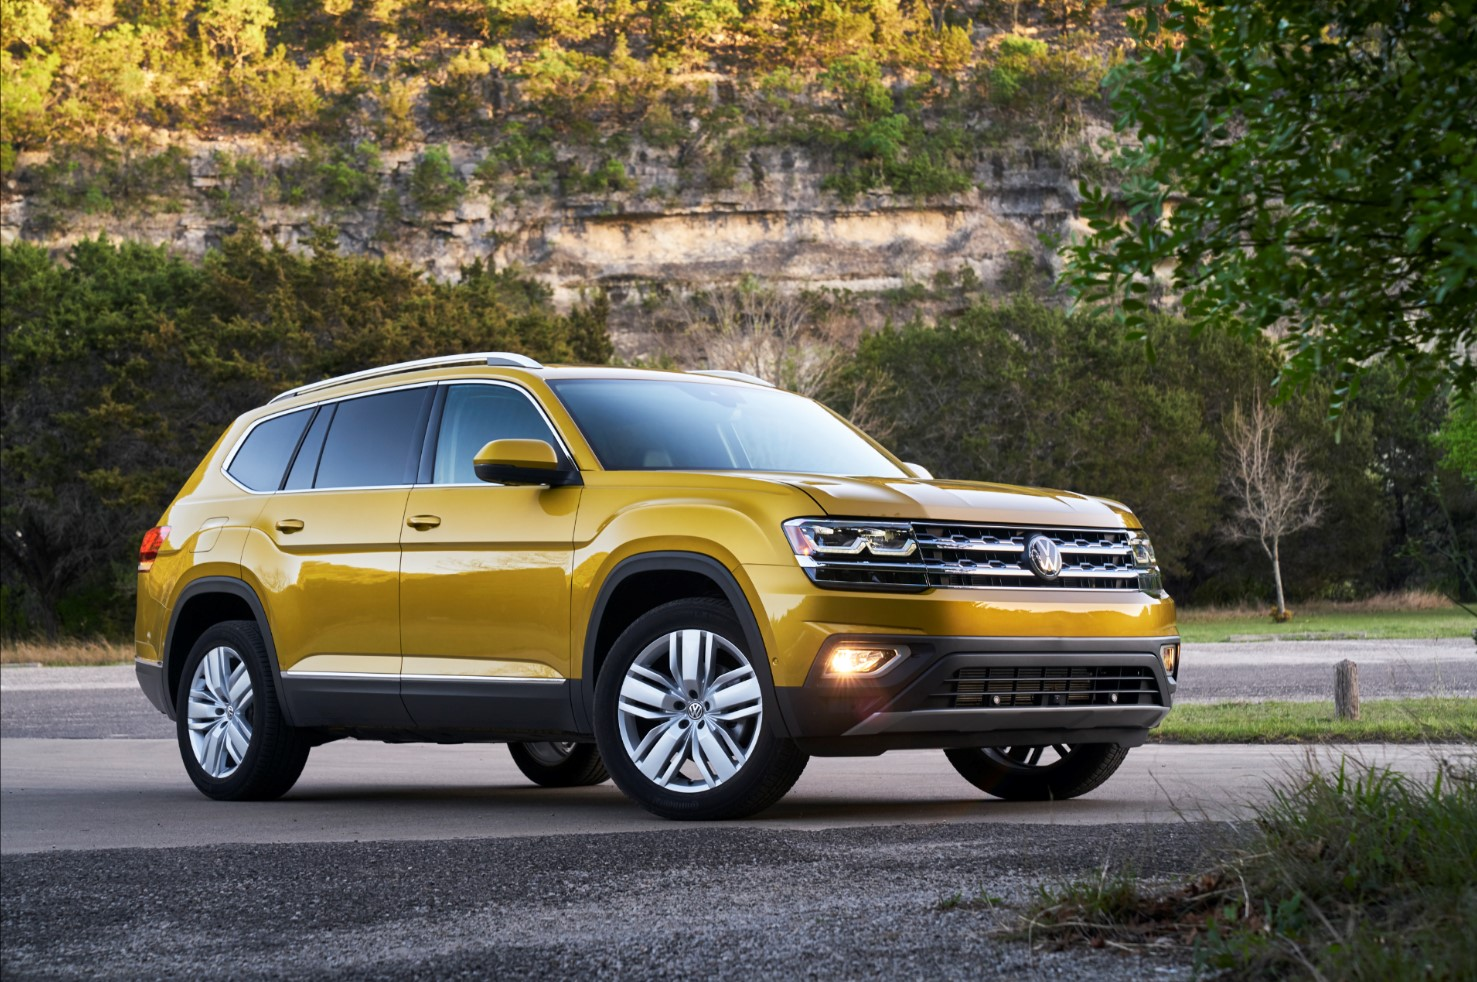 2018 Volkswagen Atlas Yellow Front Side Exterior